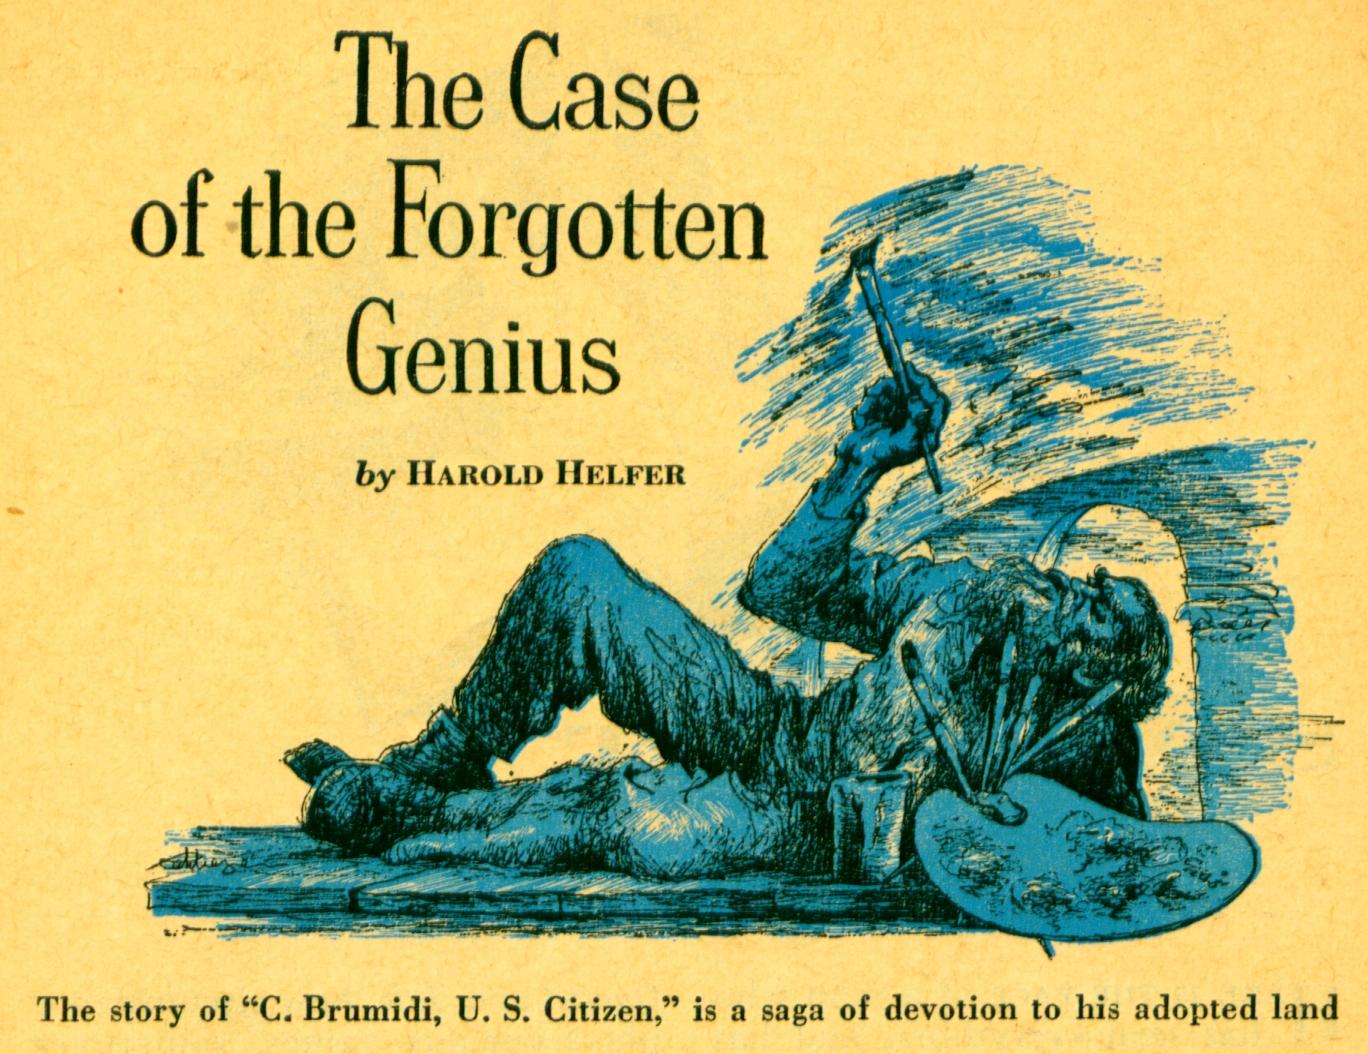 April 1952 - The Case of the Forgotten Genius